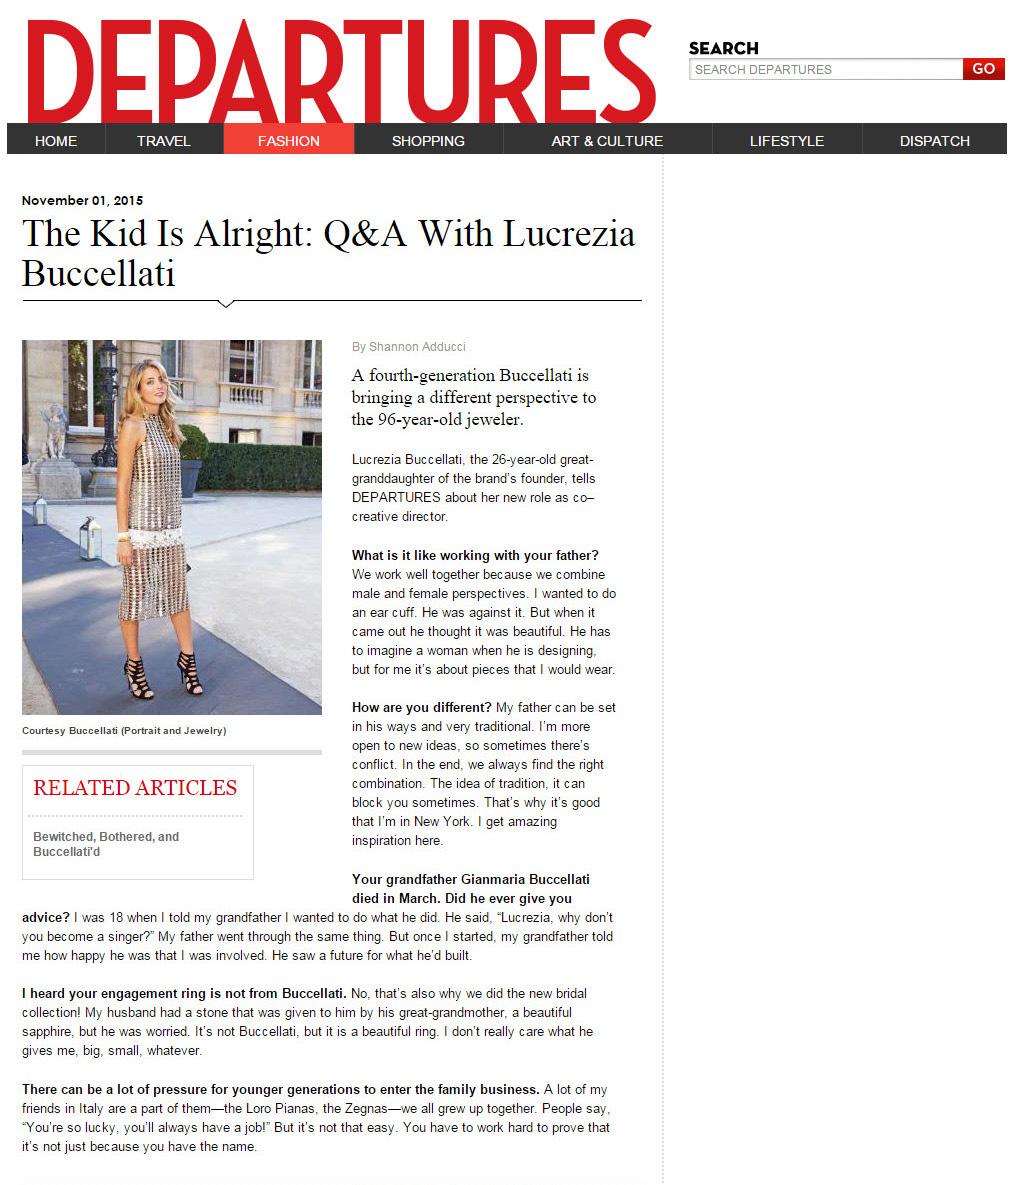 Departures.com 11.1.jpg